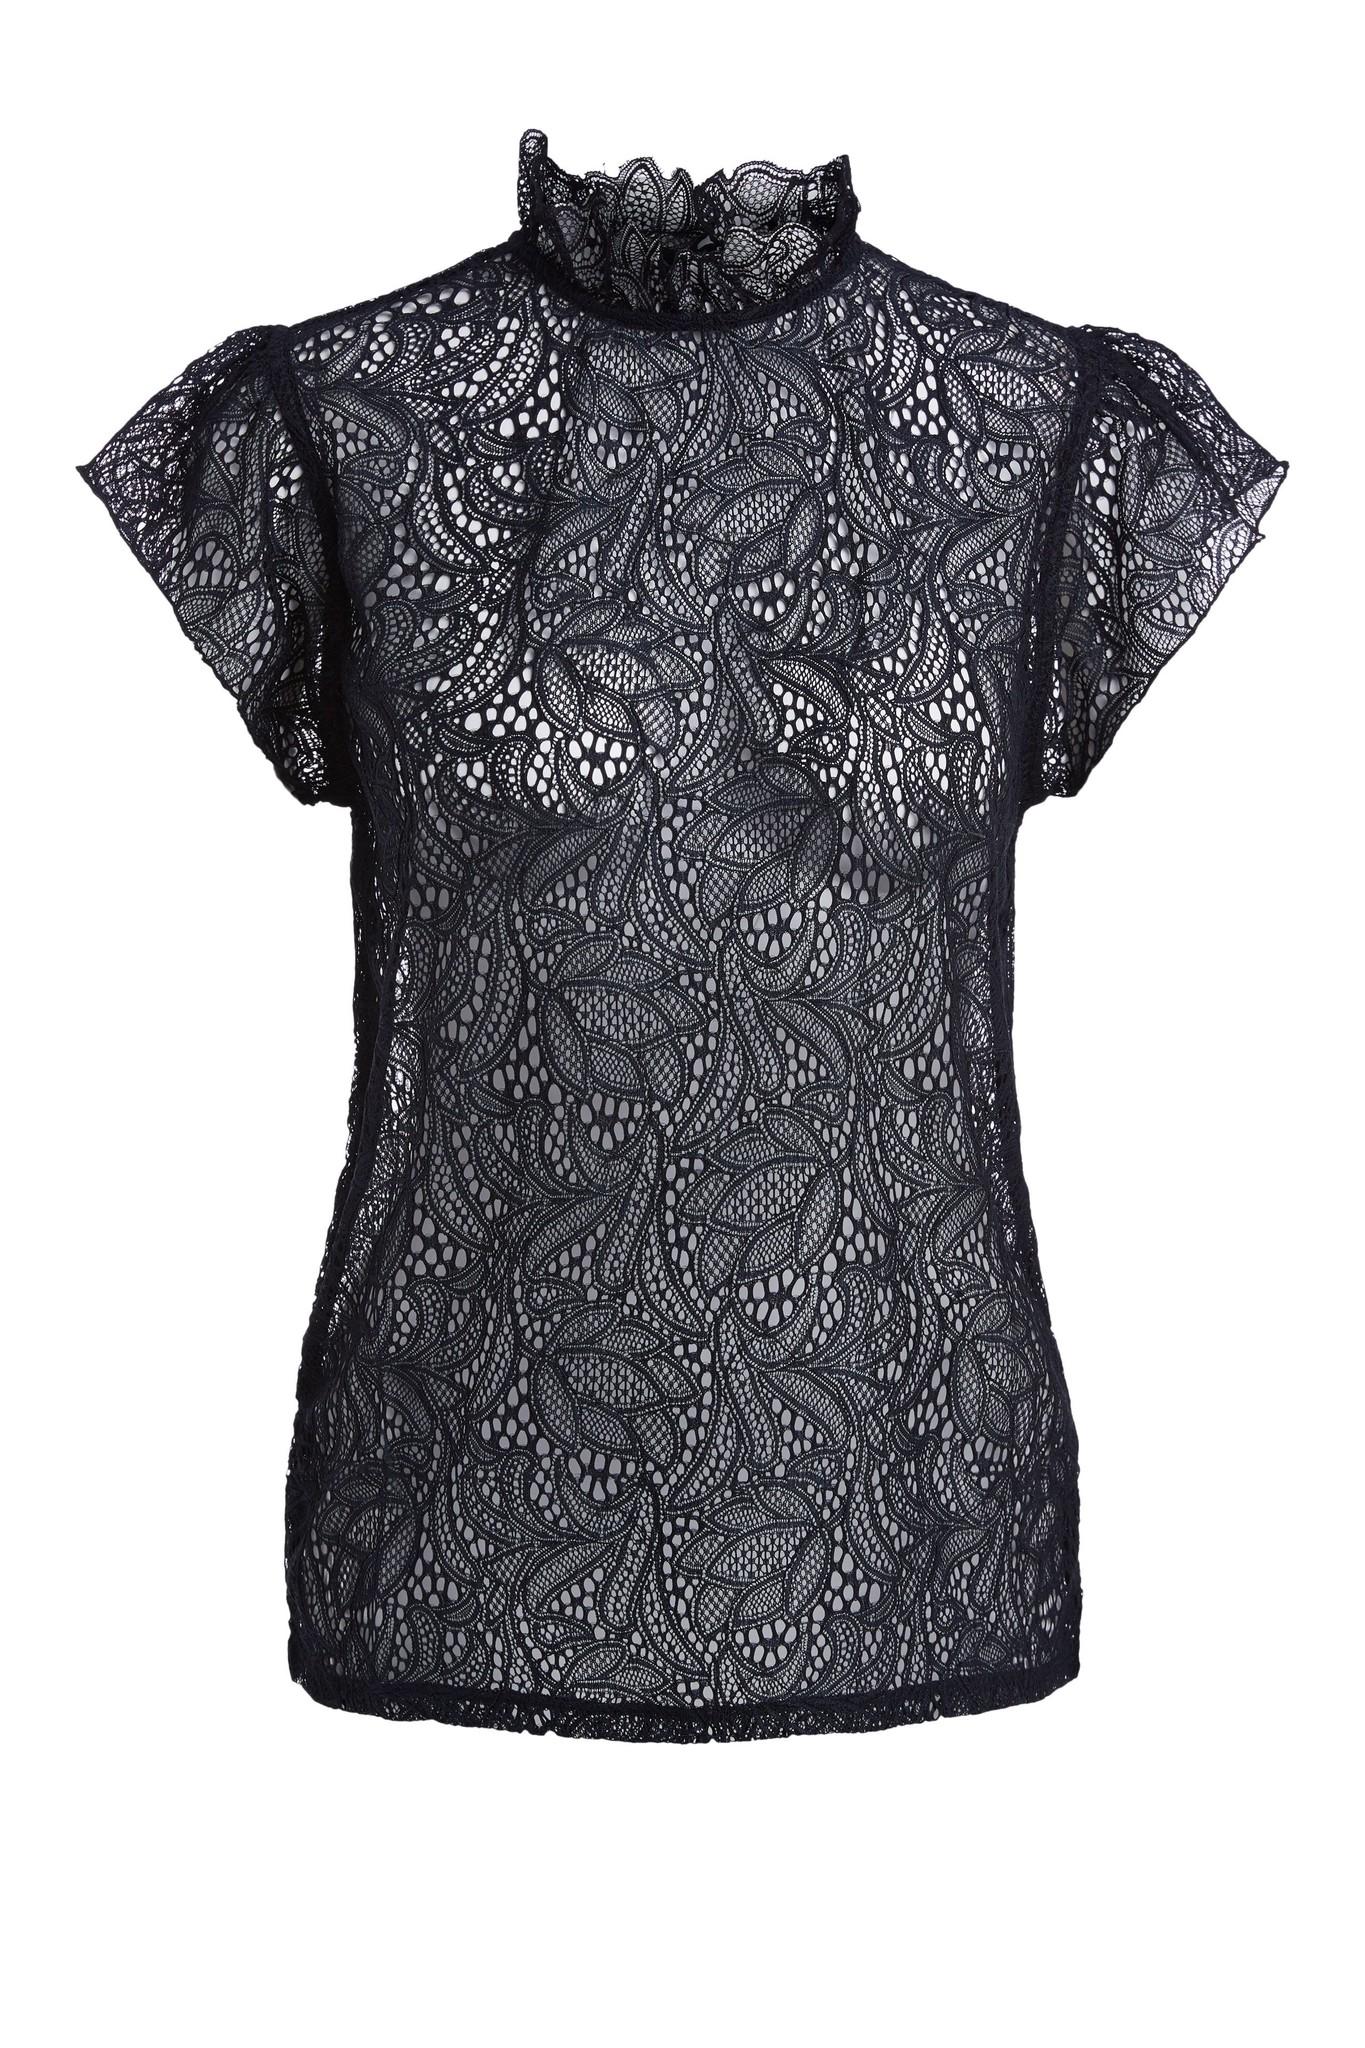 SET shirts 717885110603-1